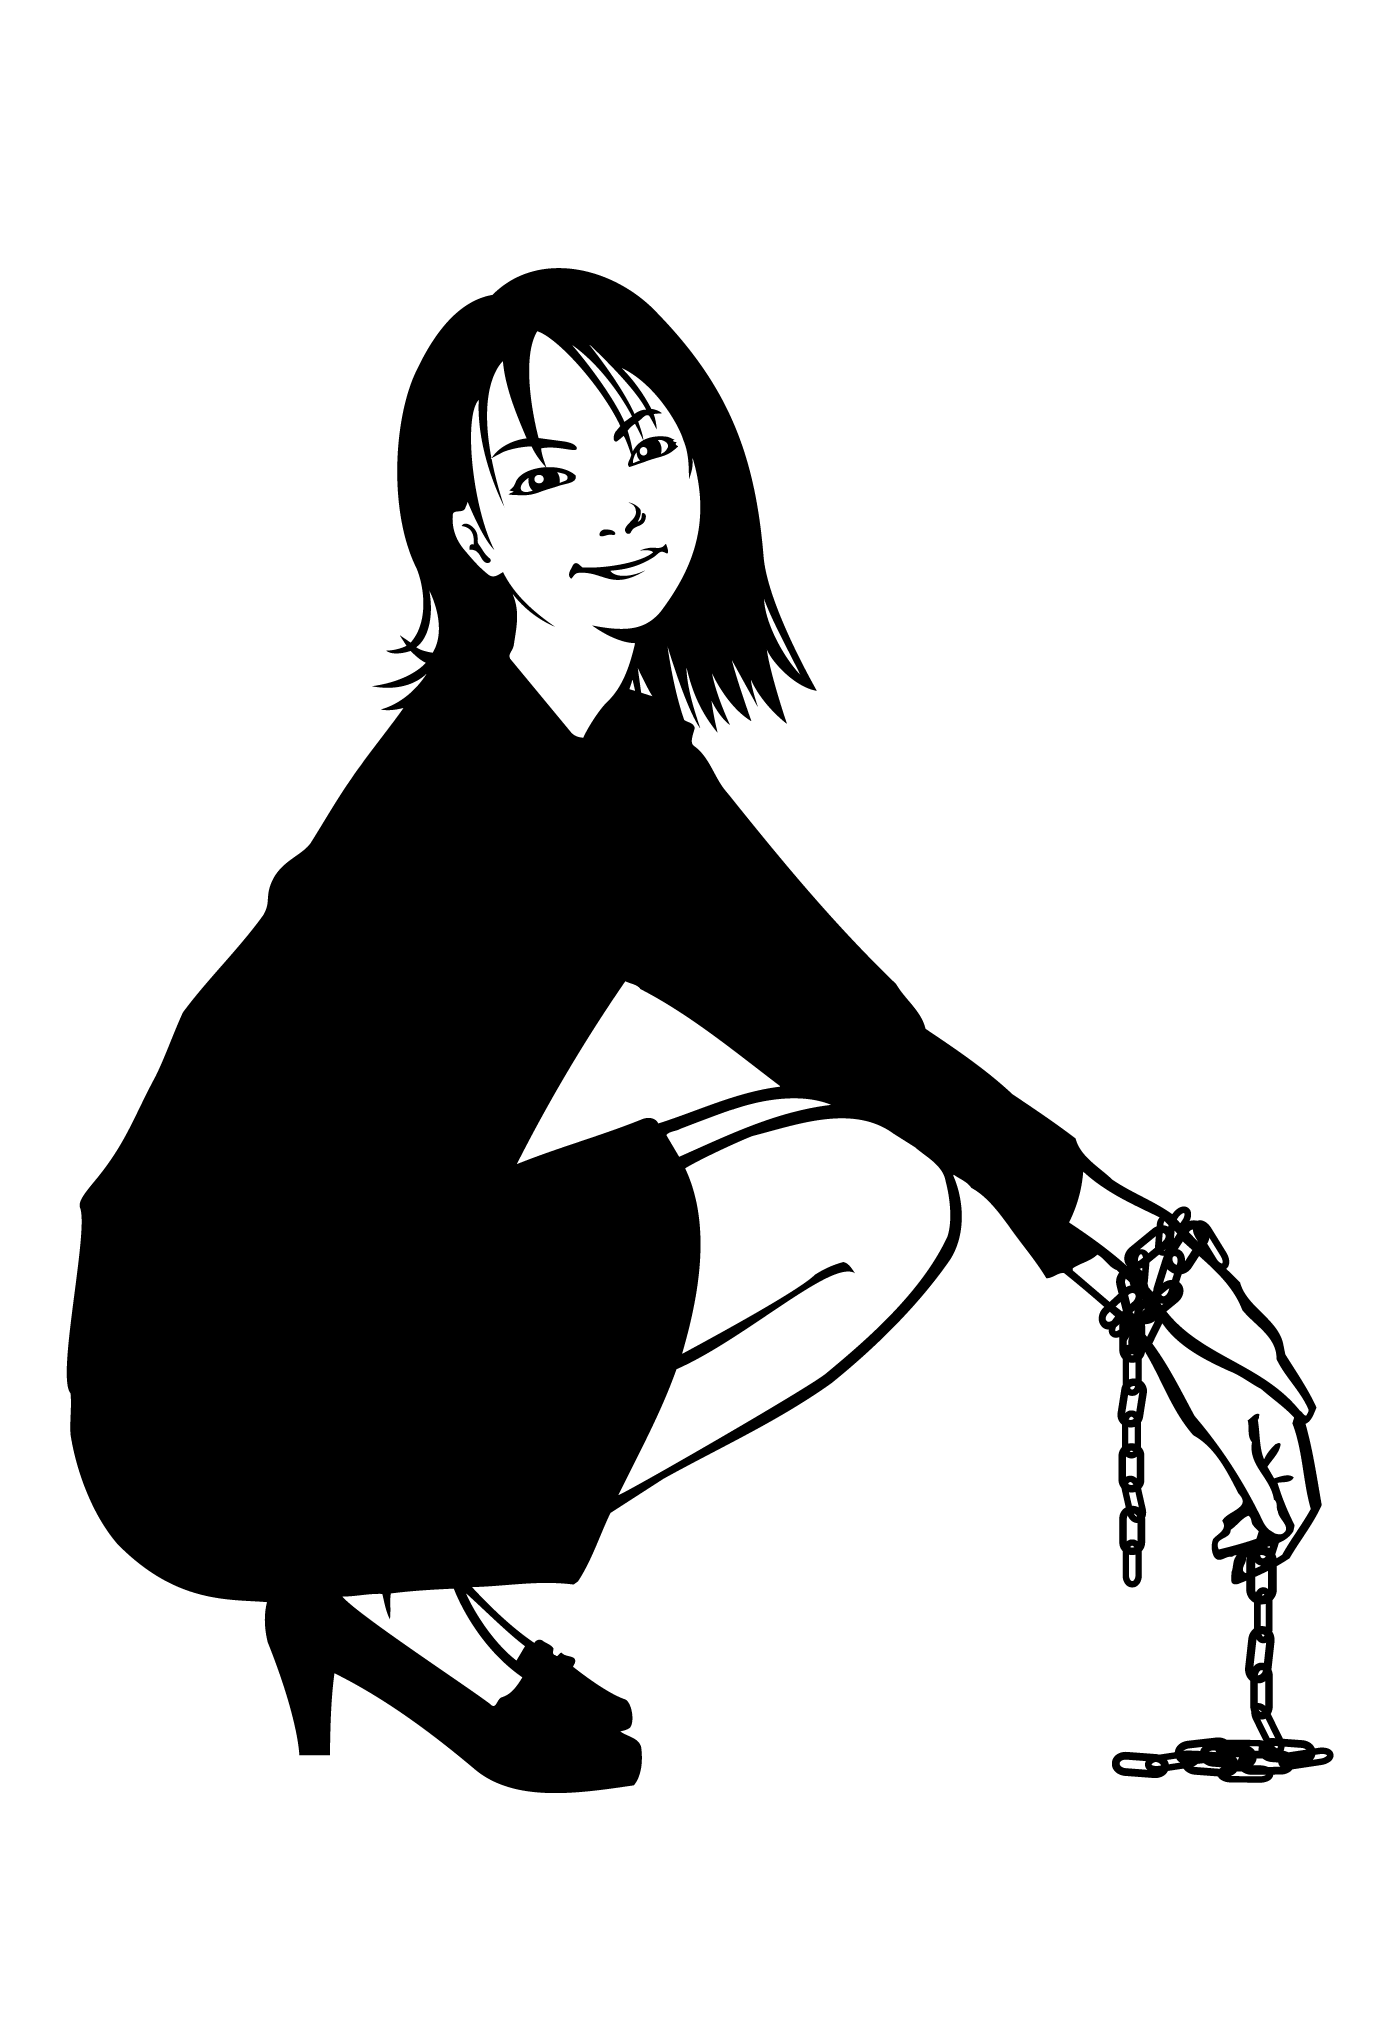 ポストカード12:Girl 4のダウンロード画像